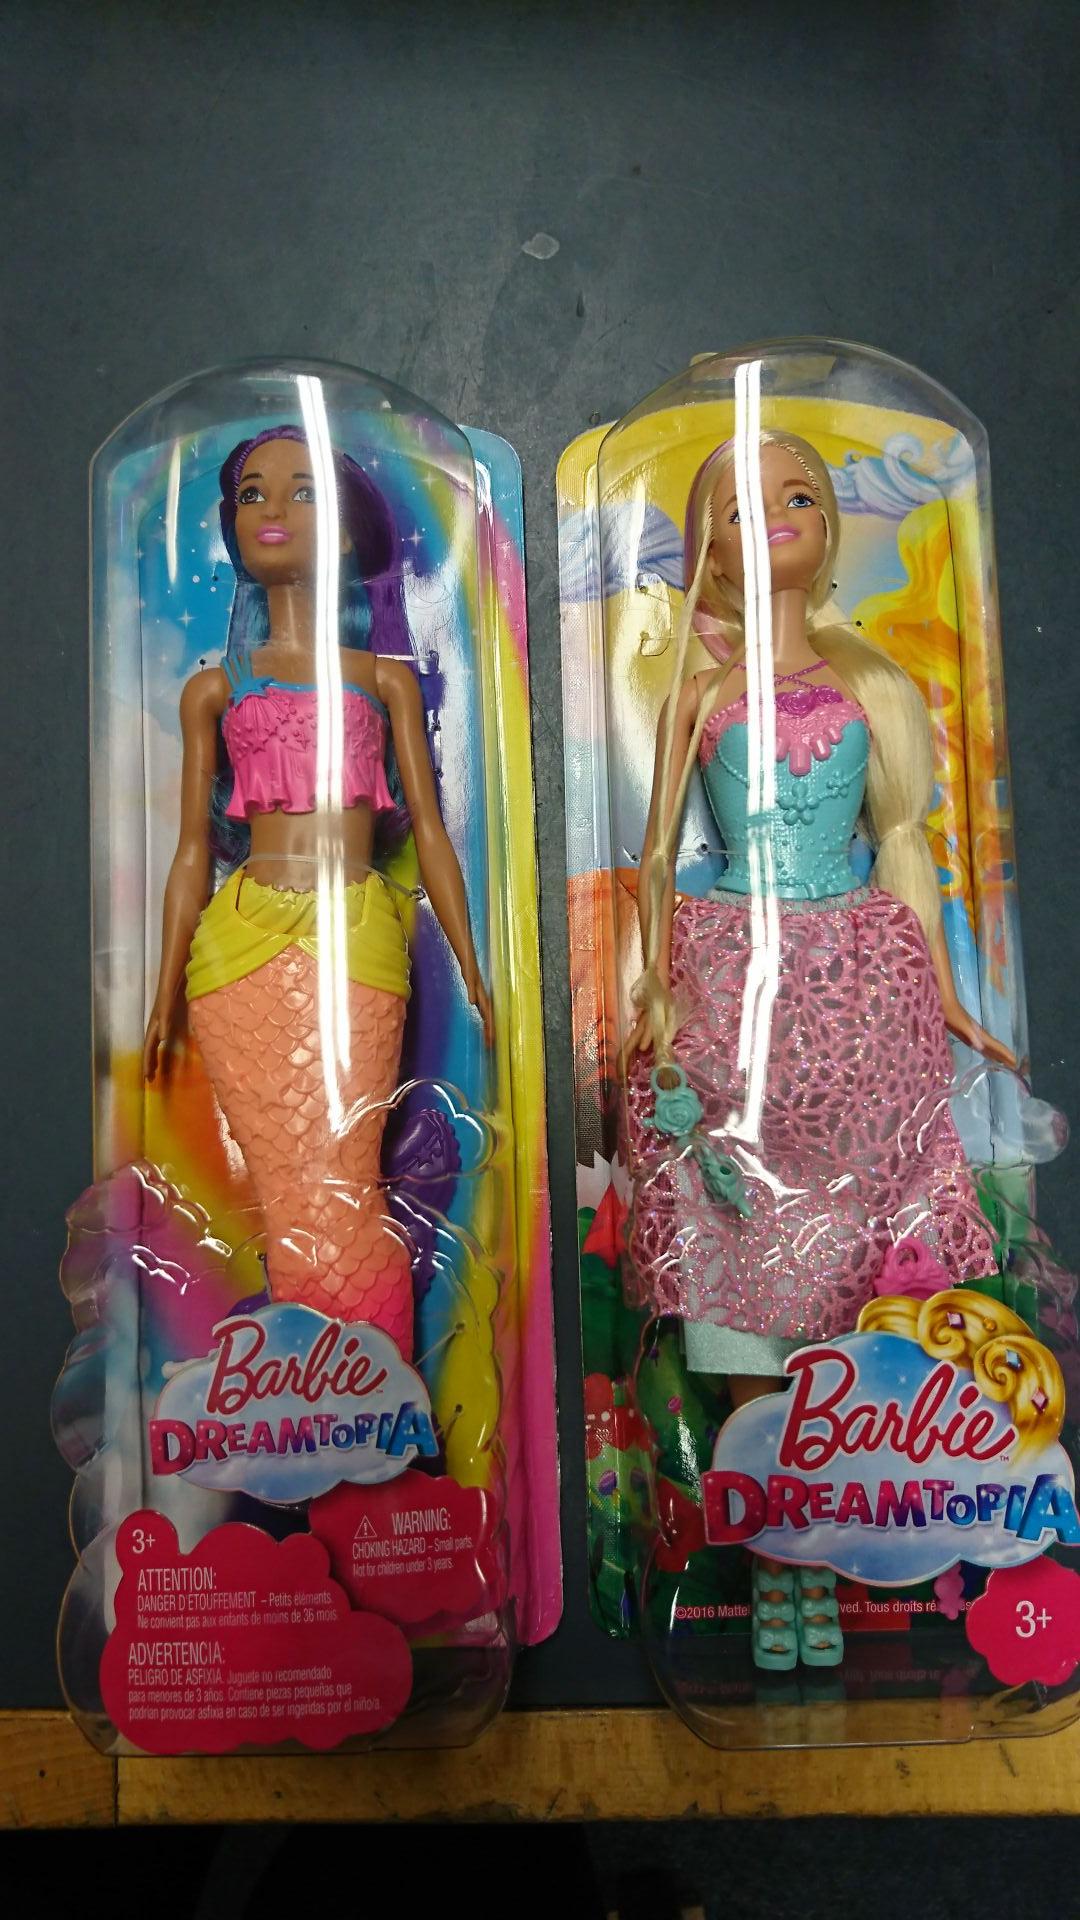 Barbie Dreamtopia £7.99 at Lidl Instore